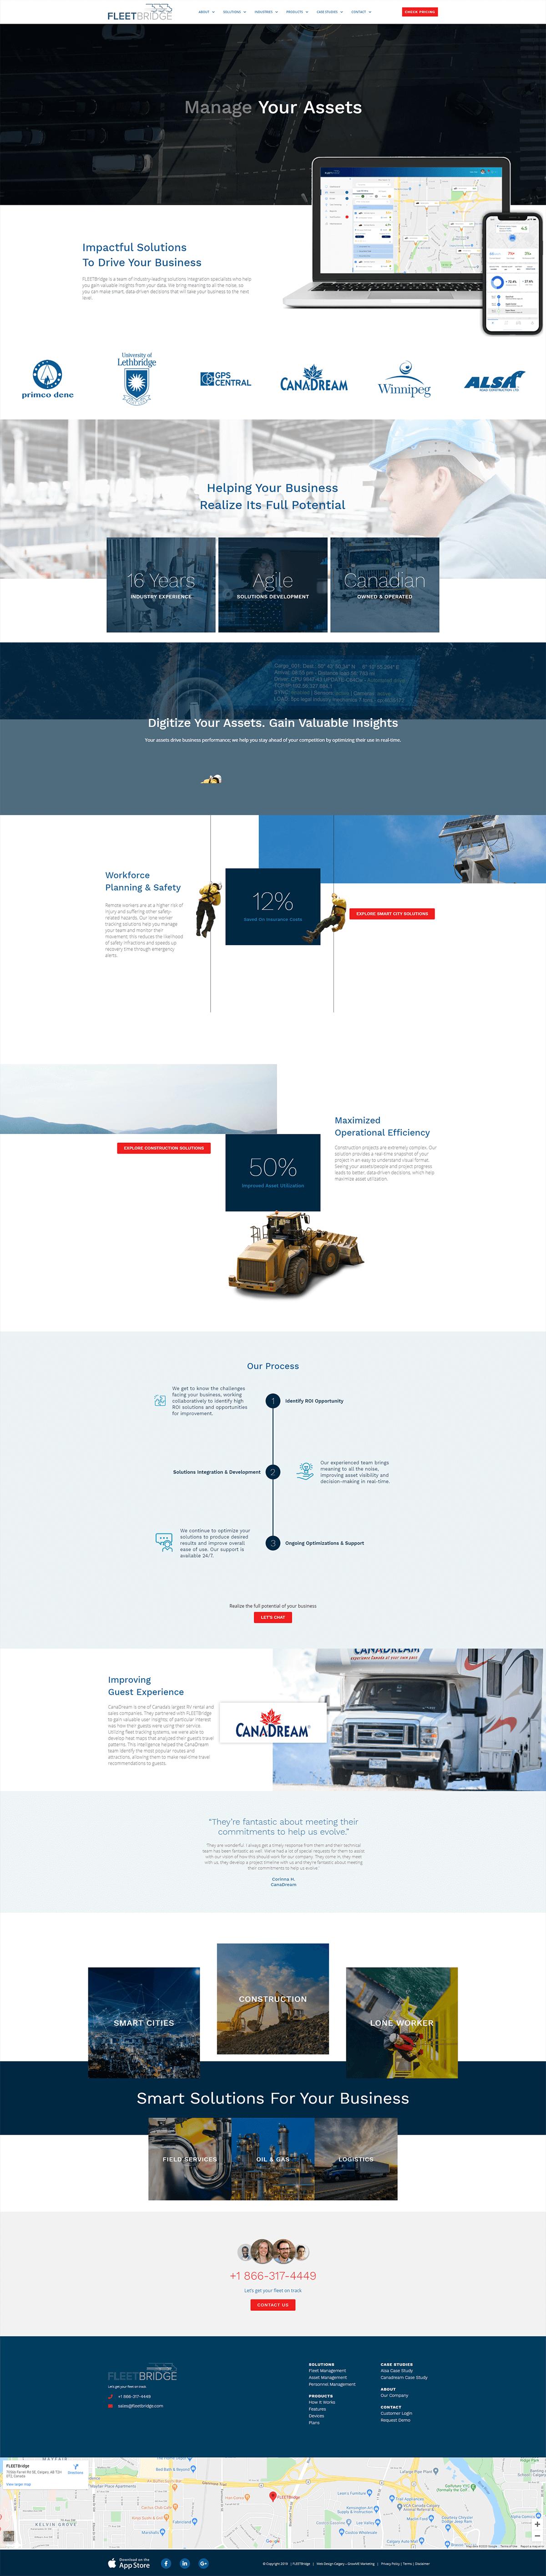 Fleetbridge Home Page